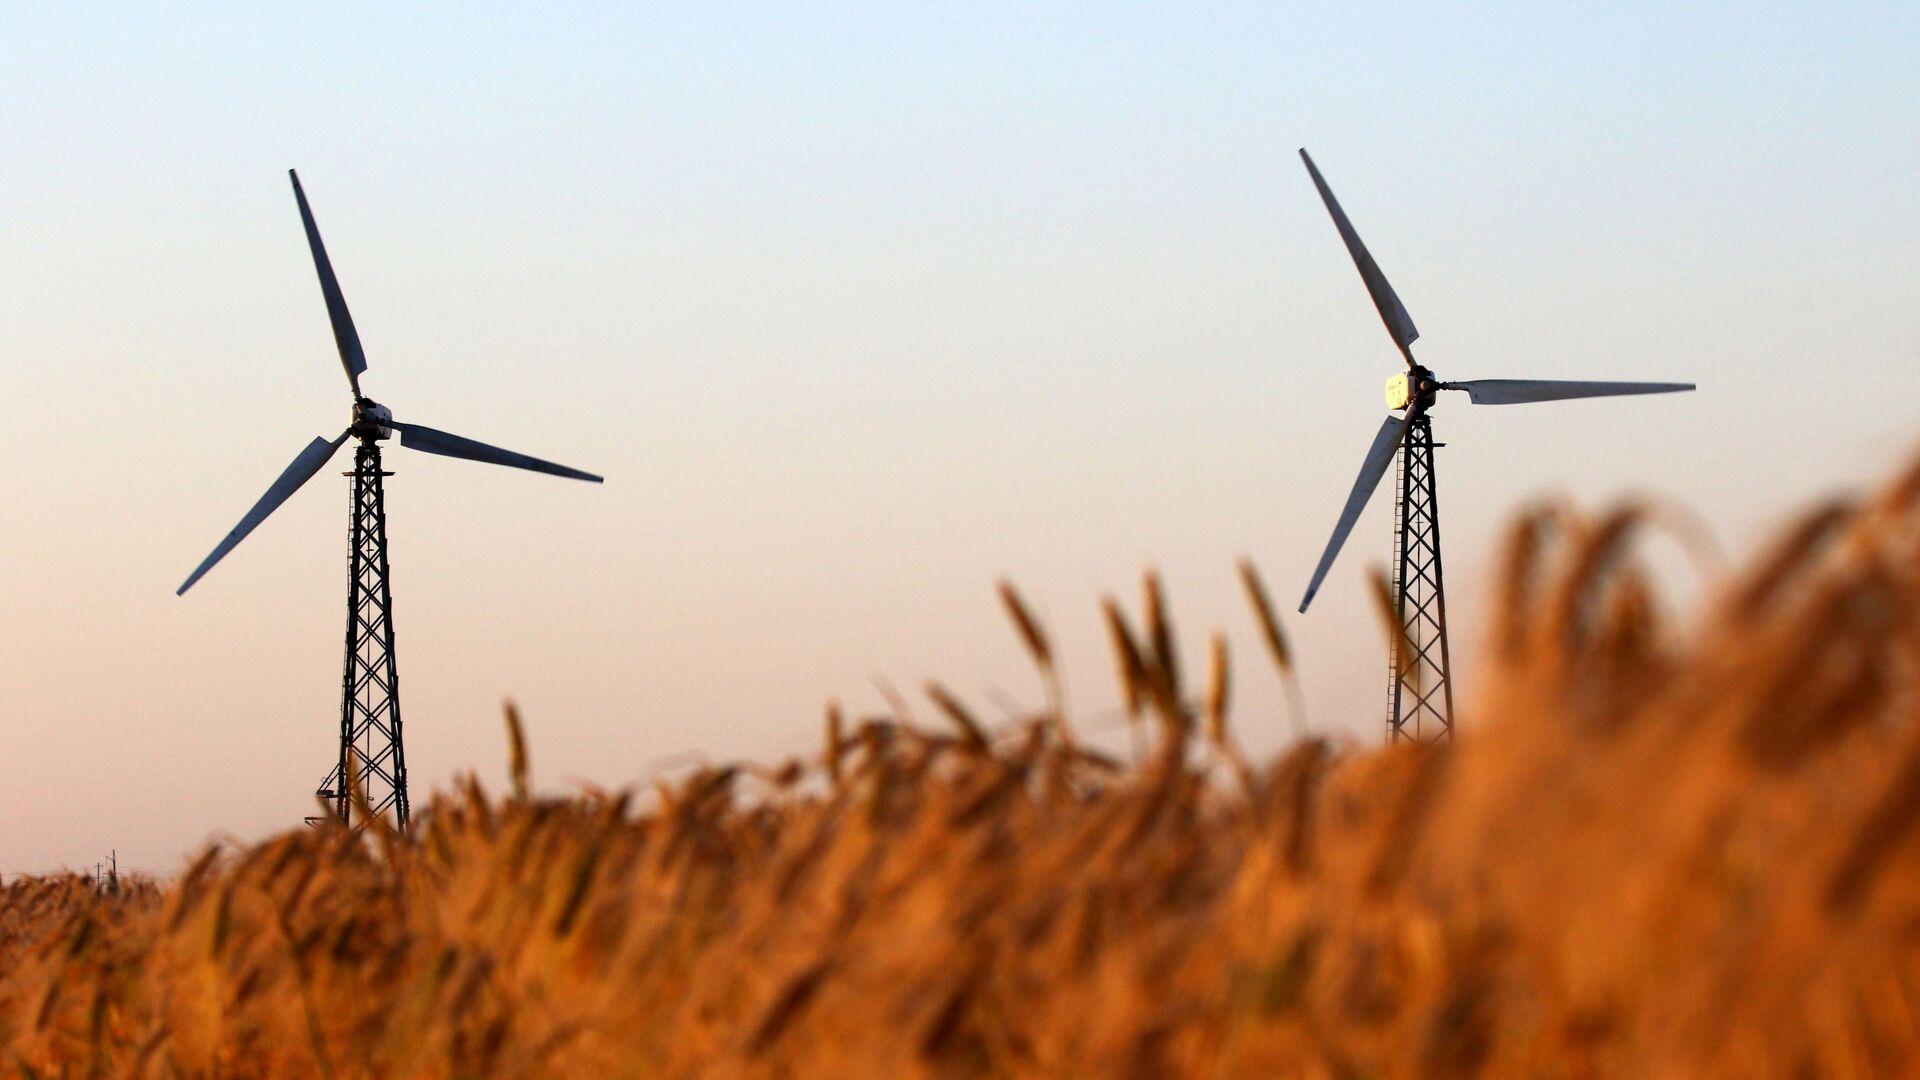 Vēja turbīnas - Sputnik Latvija, 1920, 09.09.2021